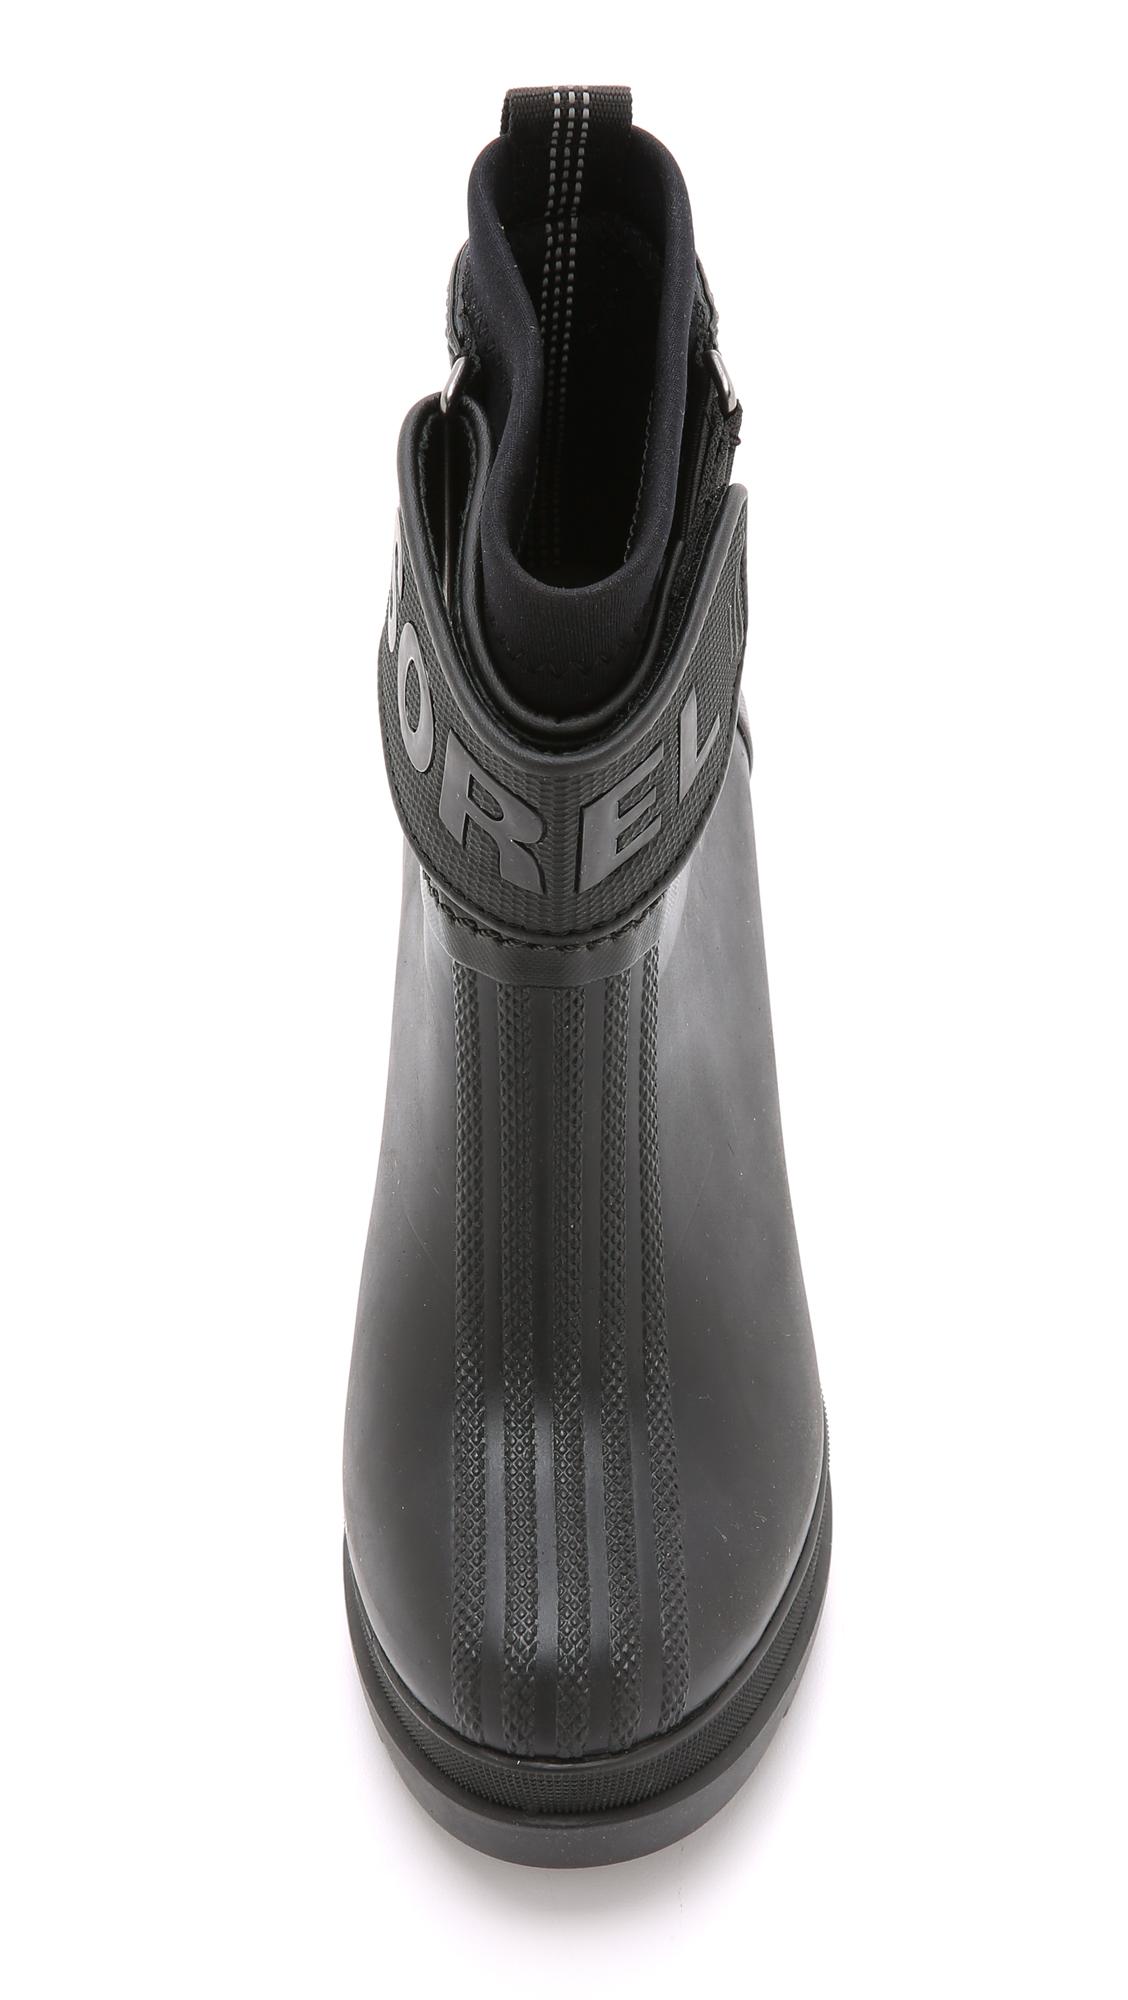 Sorel Medina Iii Rubbe... Ivanka Trump Shoes From China